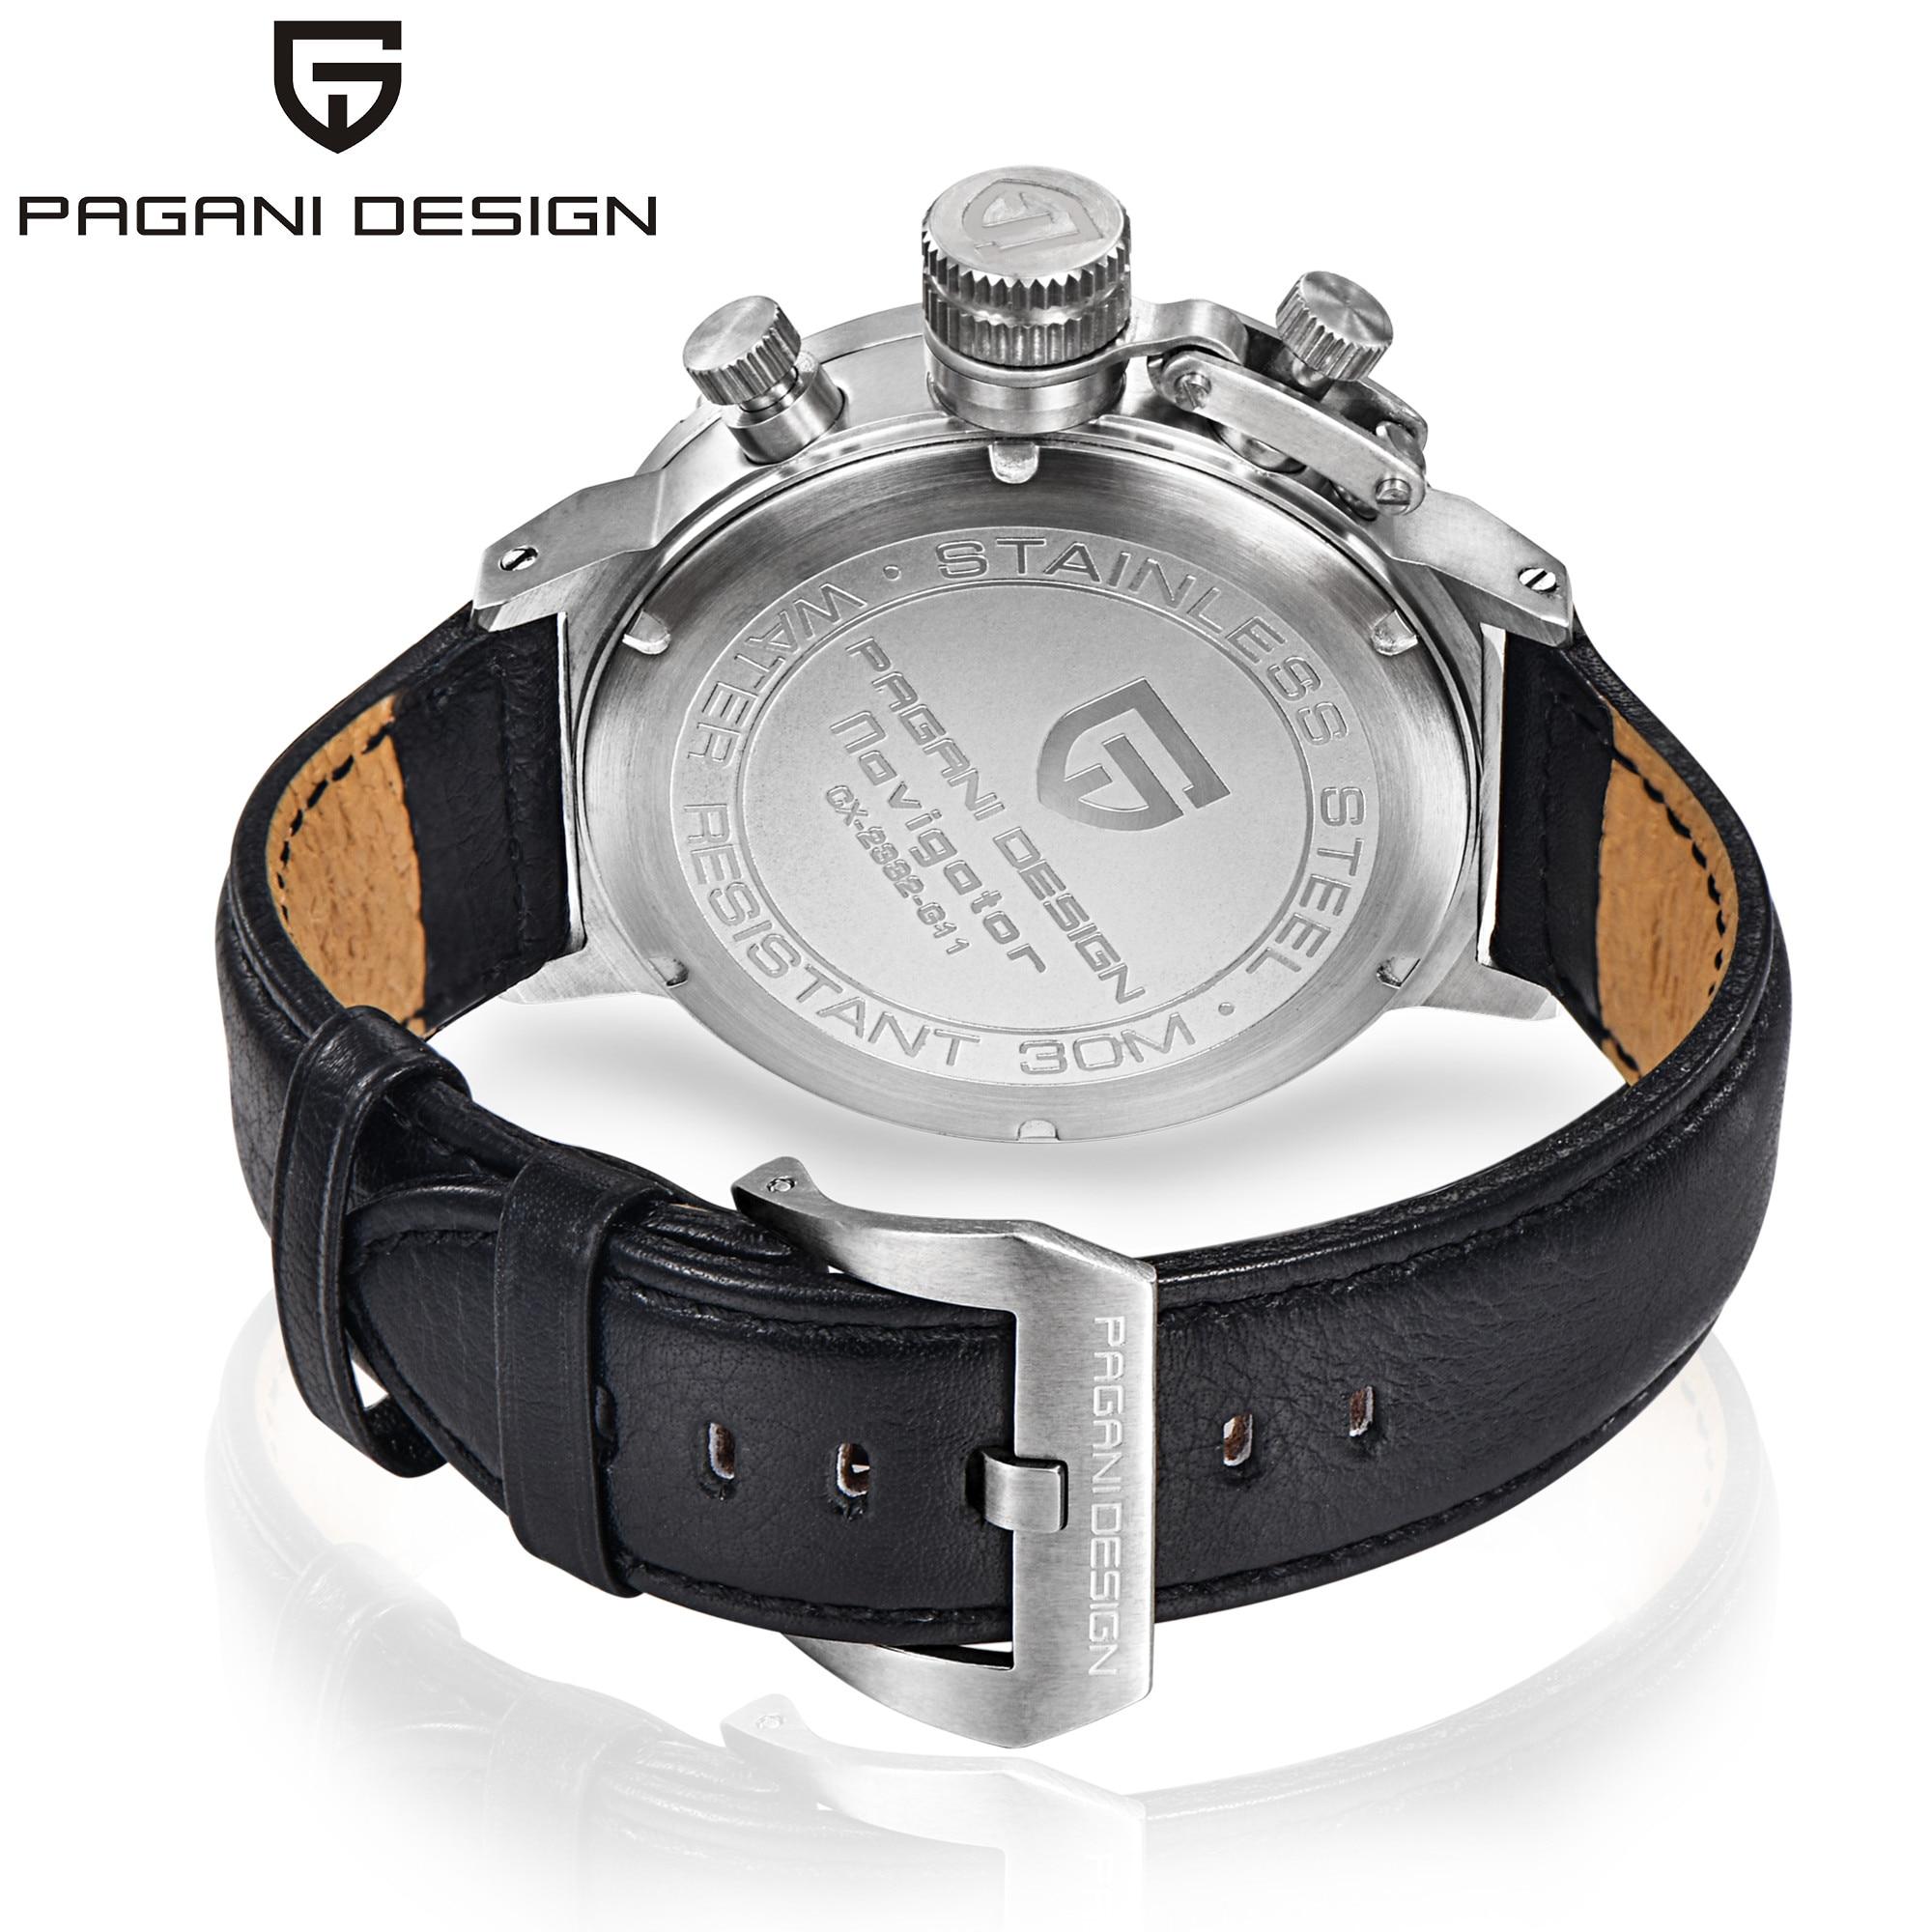 2019 PAGANI, relojes deportivos de diseño a la moda para hombre, reloj multifunción de buceo con cronógrafo de cuarzo, reloj de hombre, reloj de cuero - 6